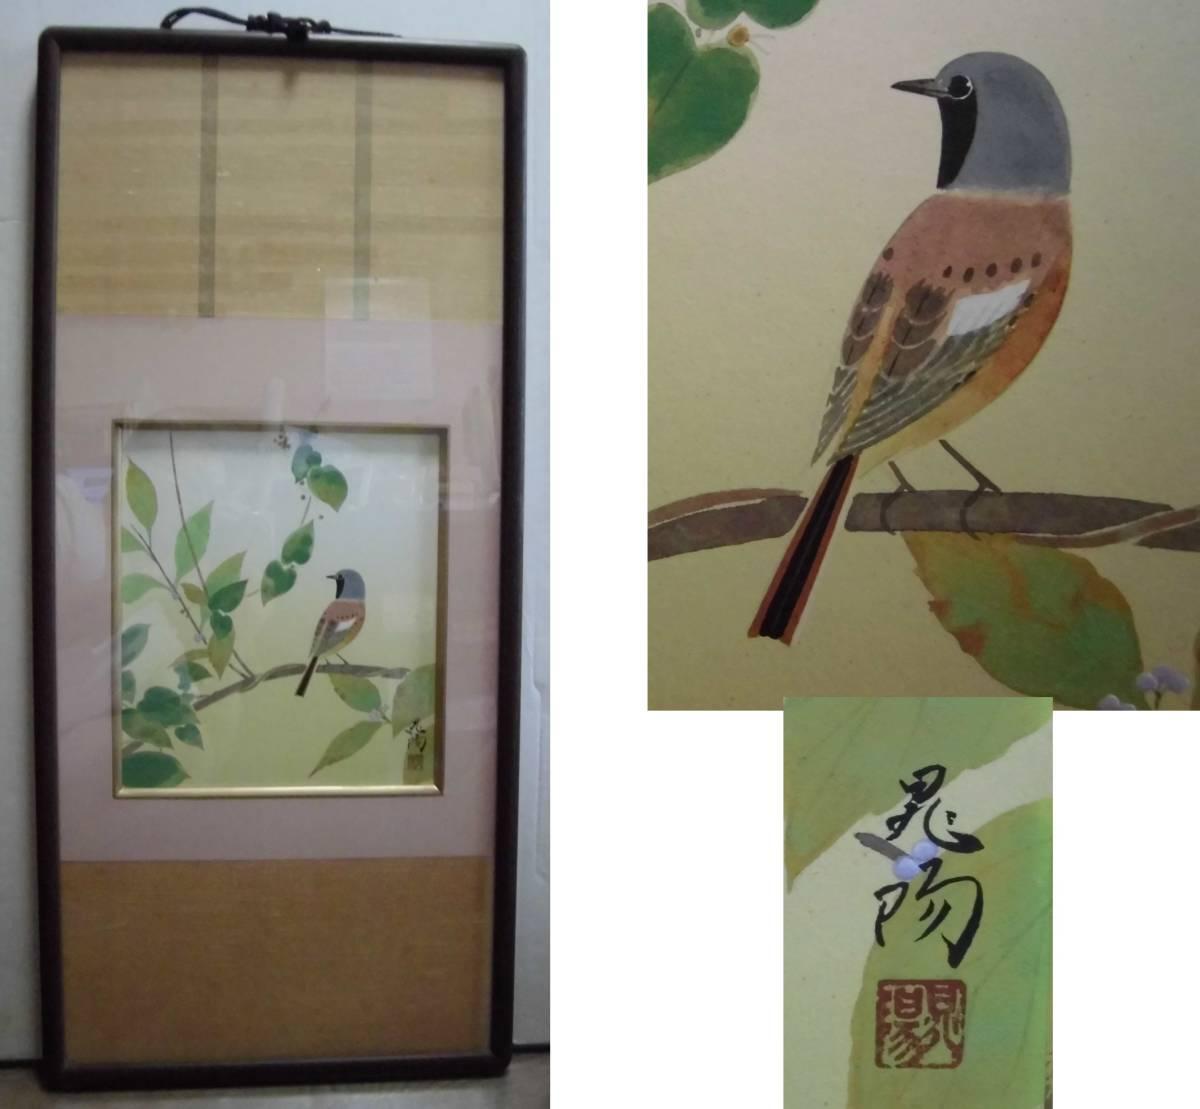 古い 肉筆 花鳥画 色紙 在銘 サイン ガラス木製額縁入り 掛軸風 日本画 壁掛け 飾り物_画像1